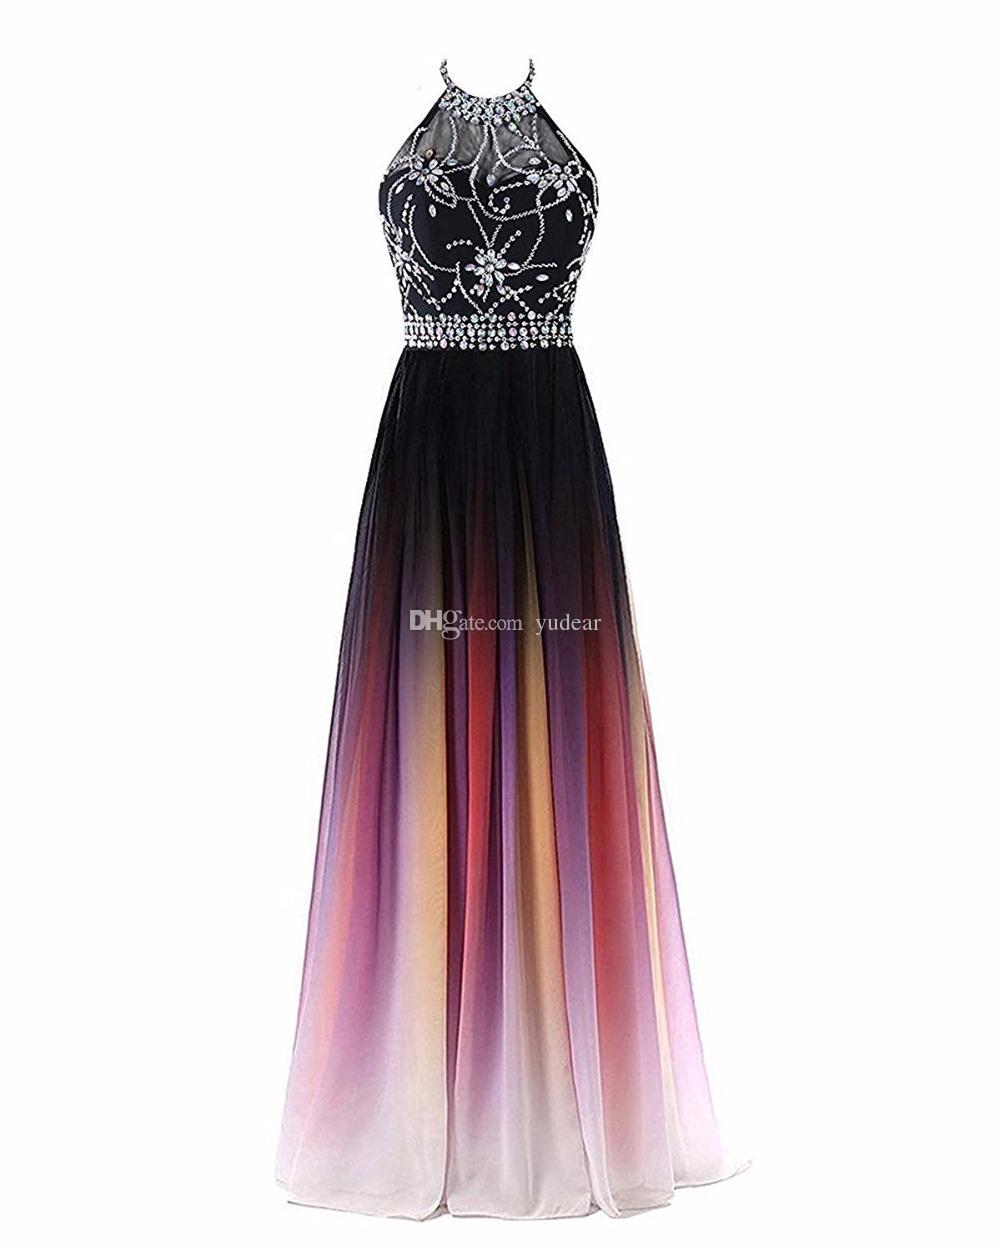 Großhandel 19 Sexy Neckholder A Linie Farbverlauf Prom Kleider Perlen  Sheer Neck Lace Up Pluning Zurück Design Frauen Abendkleid Taille Perlen